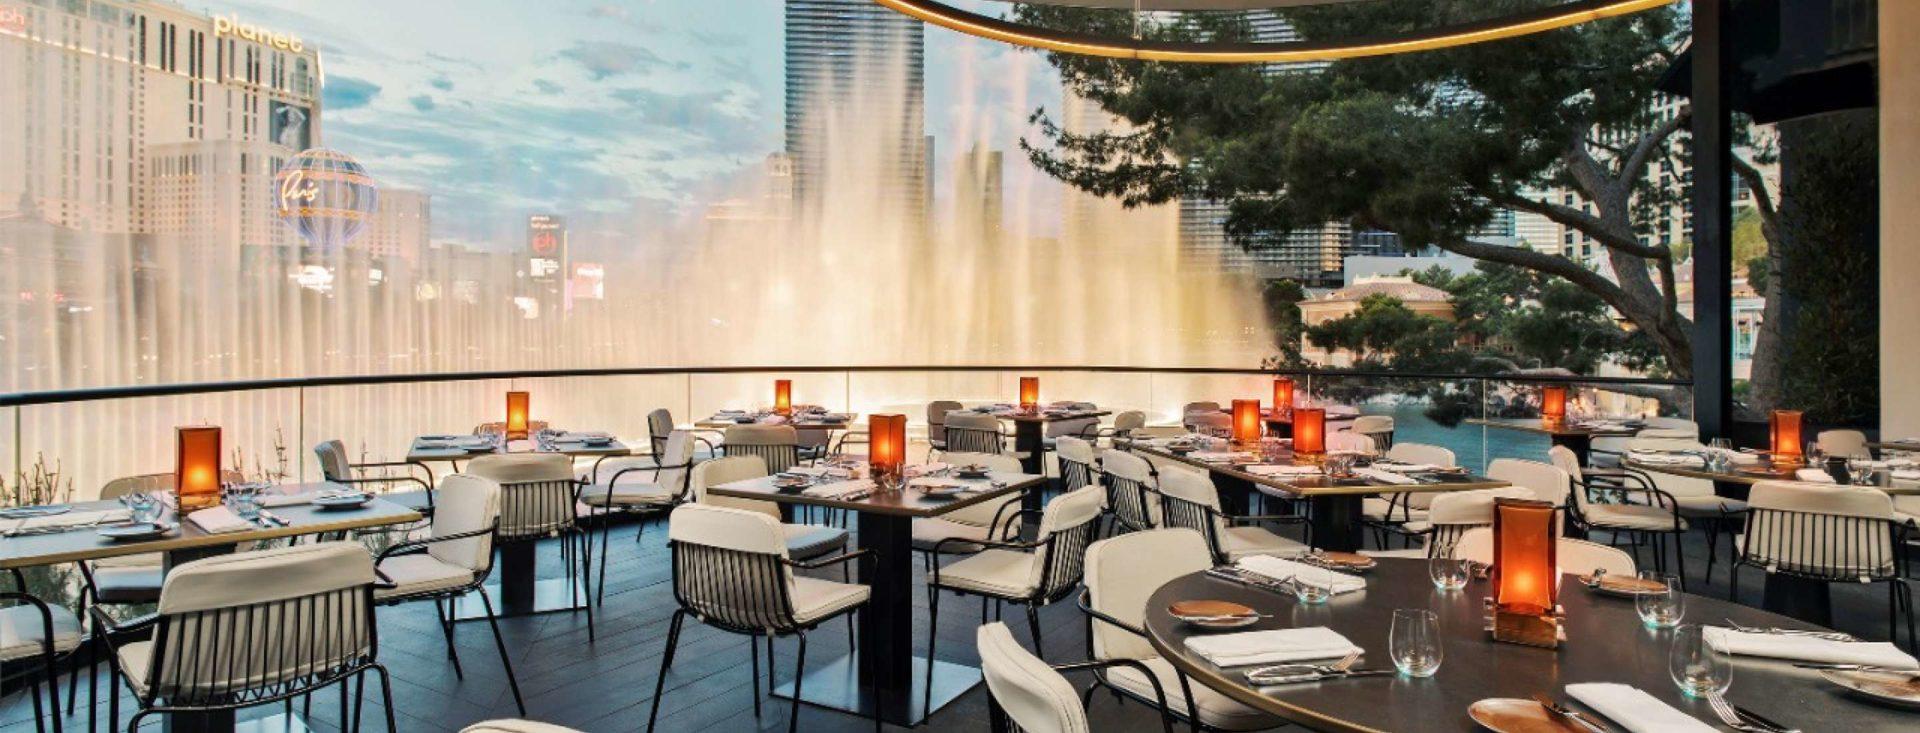 bellagio-restaurants-spago-patio.tif.image.2880.1100.high